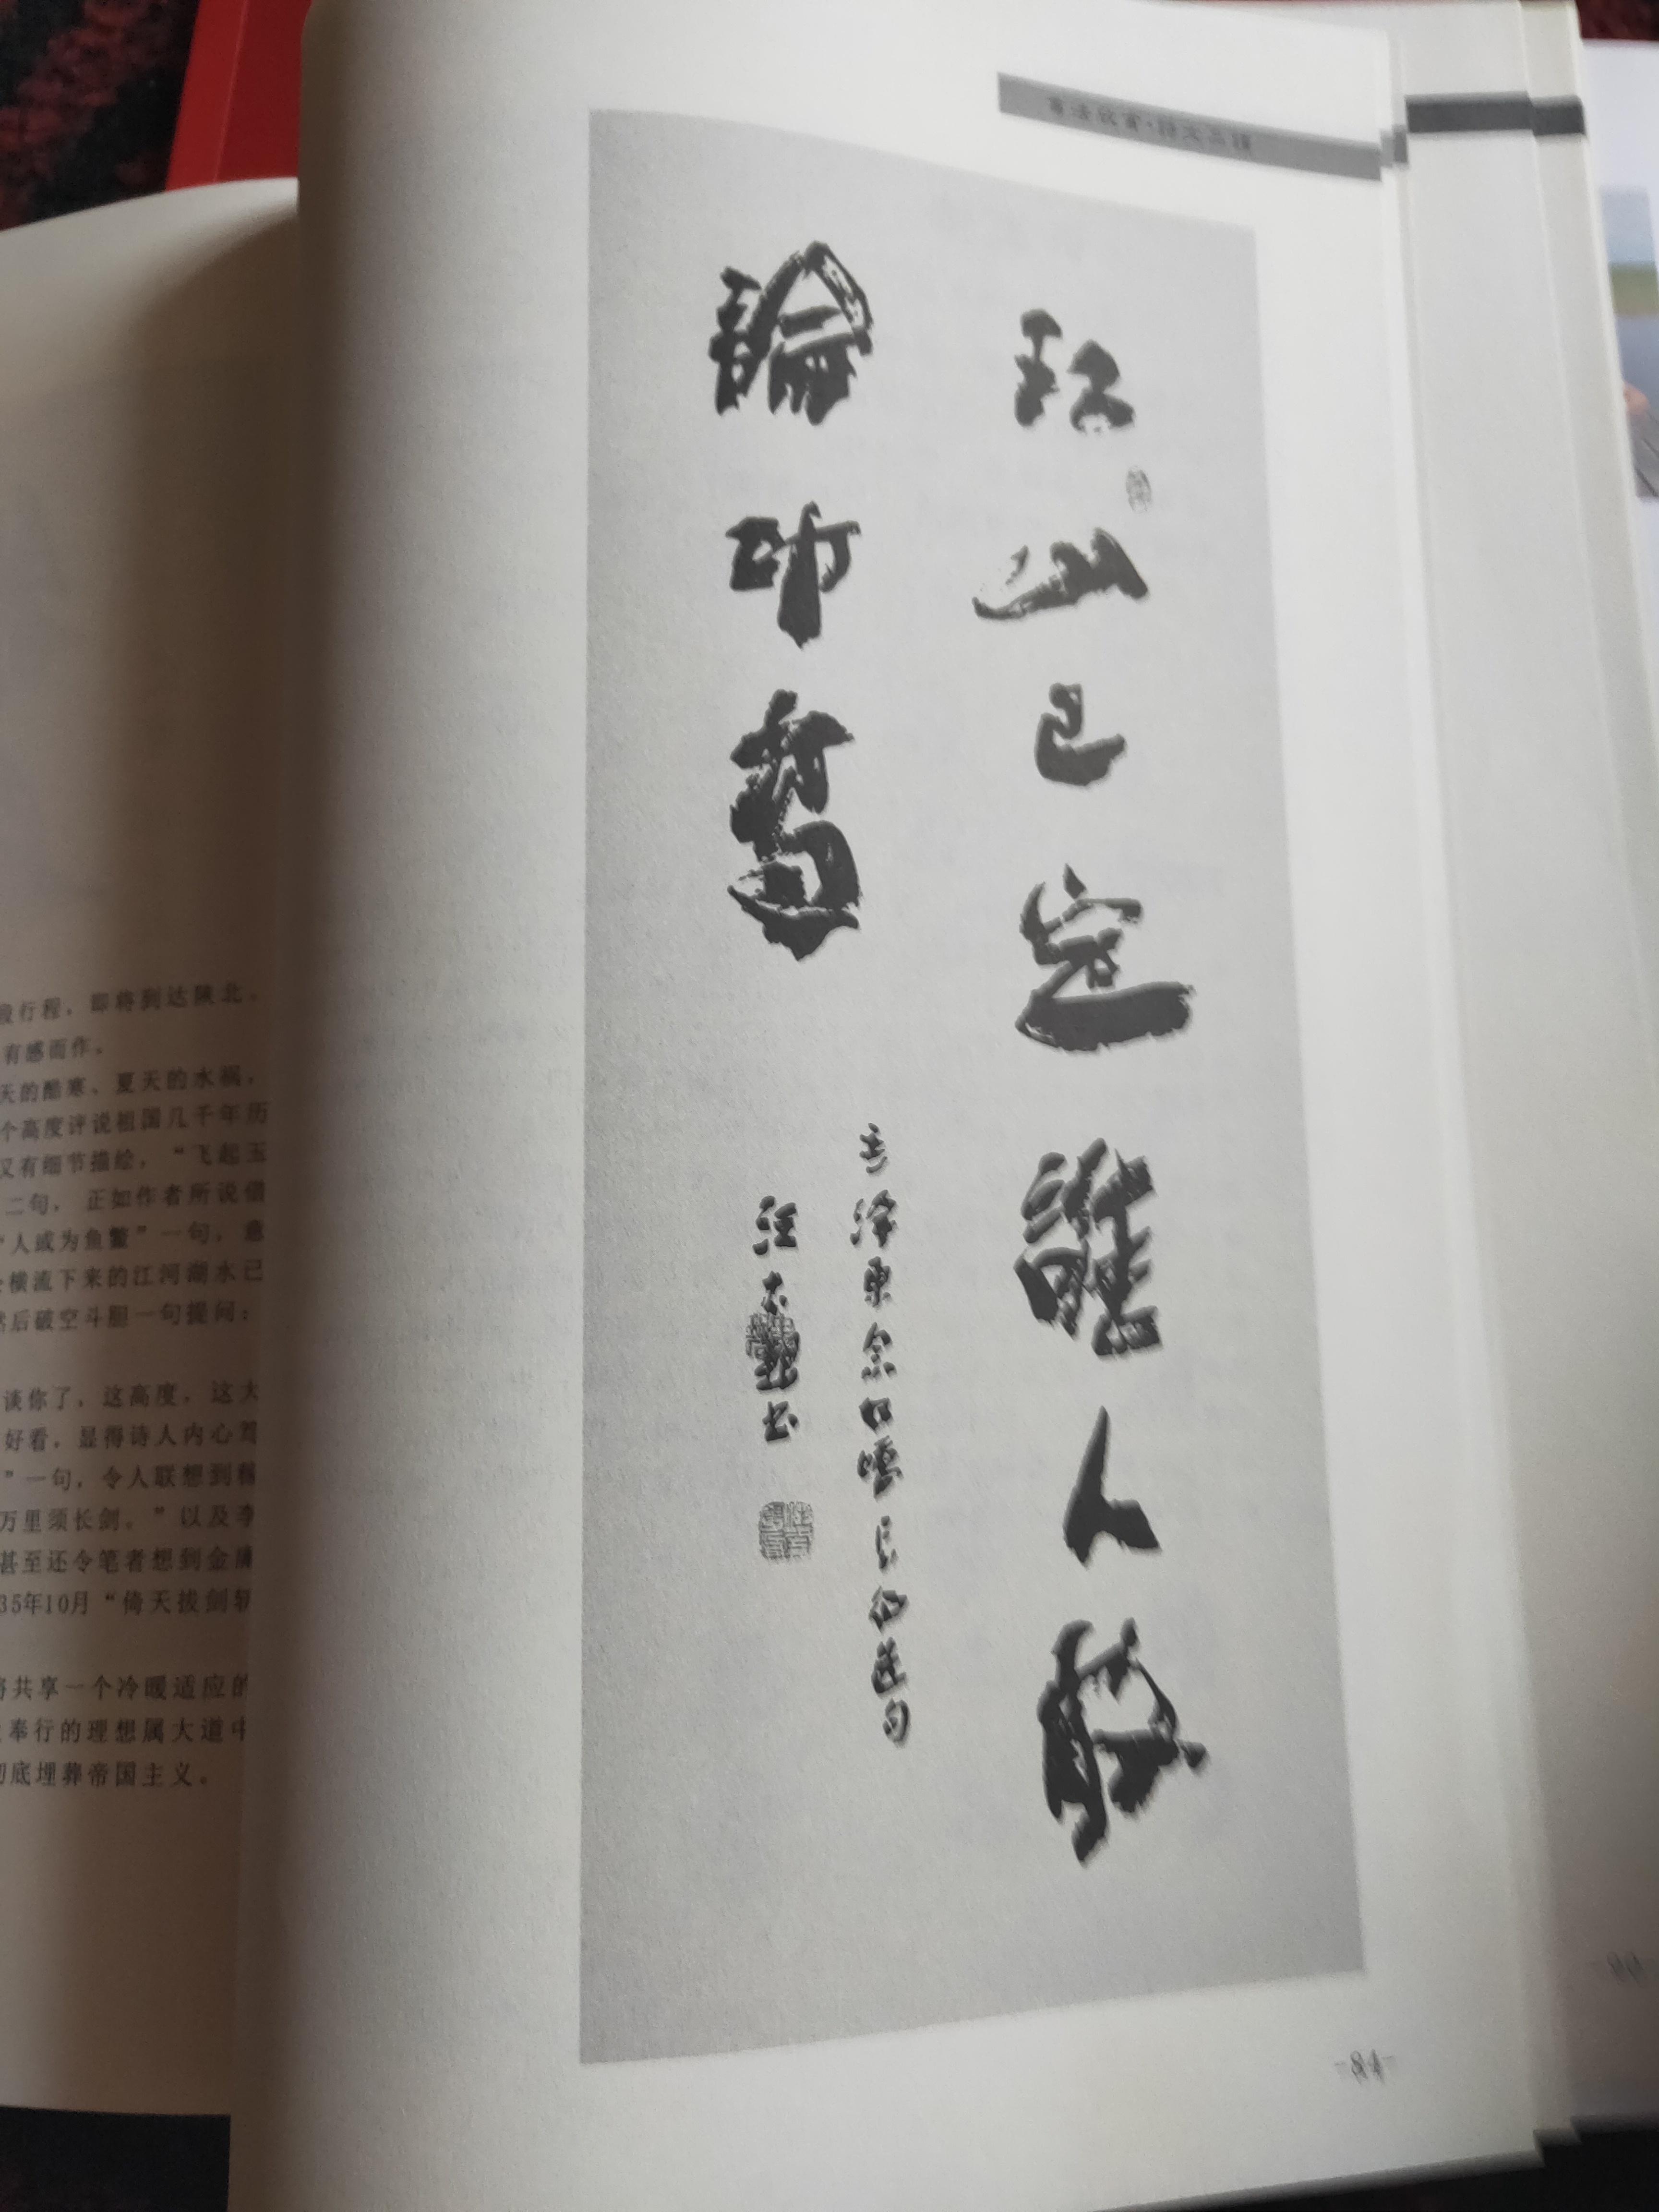 中国汪太银书写《毛泽东诗词》书籍再版发行